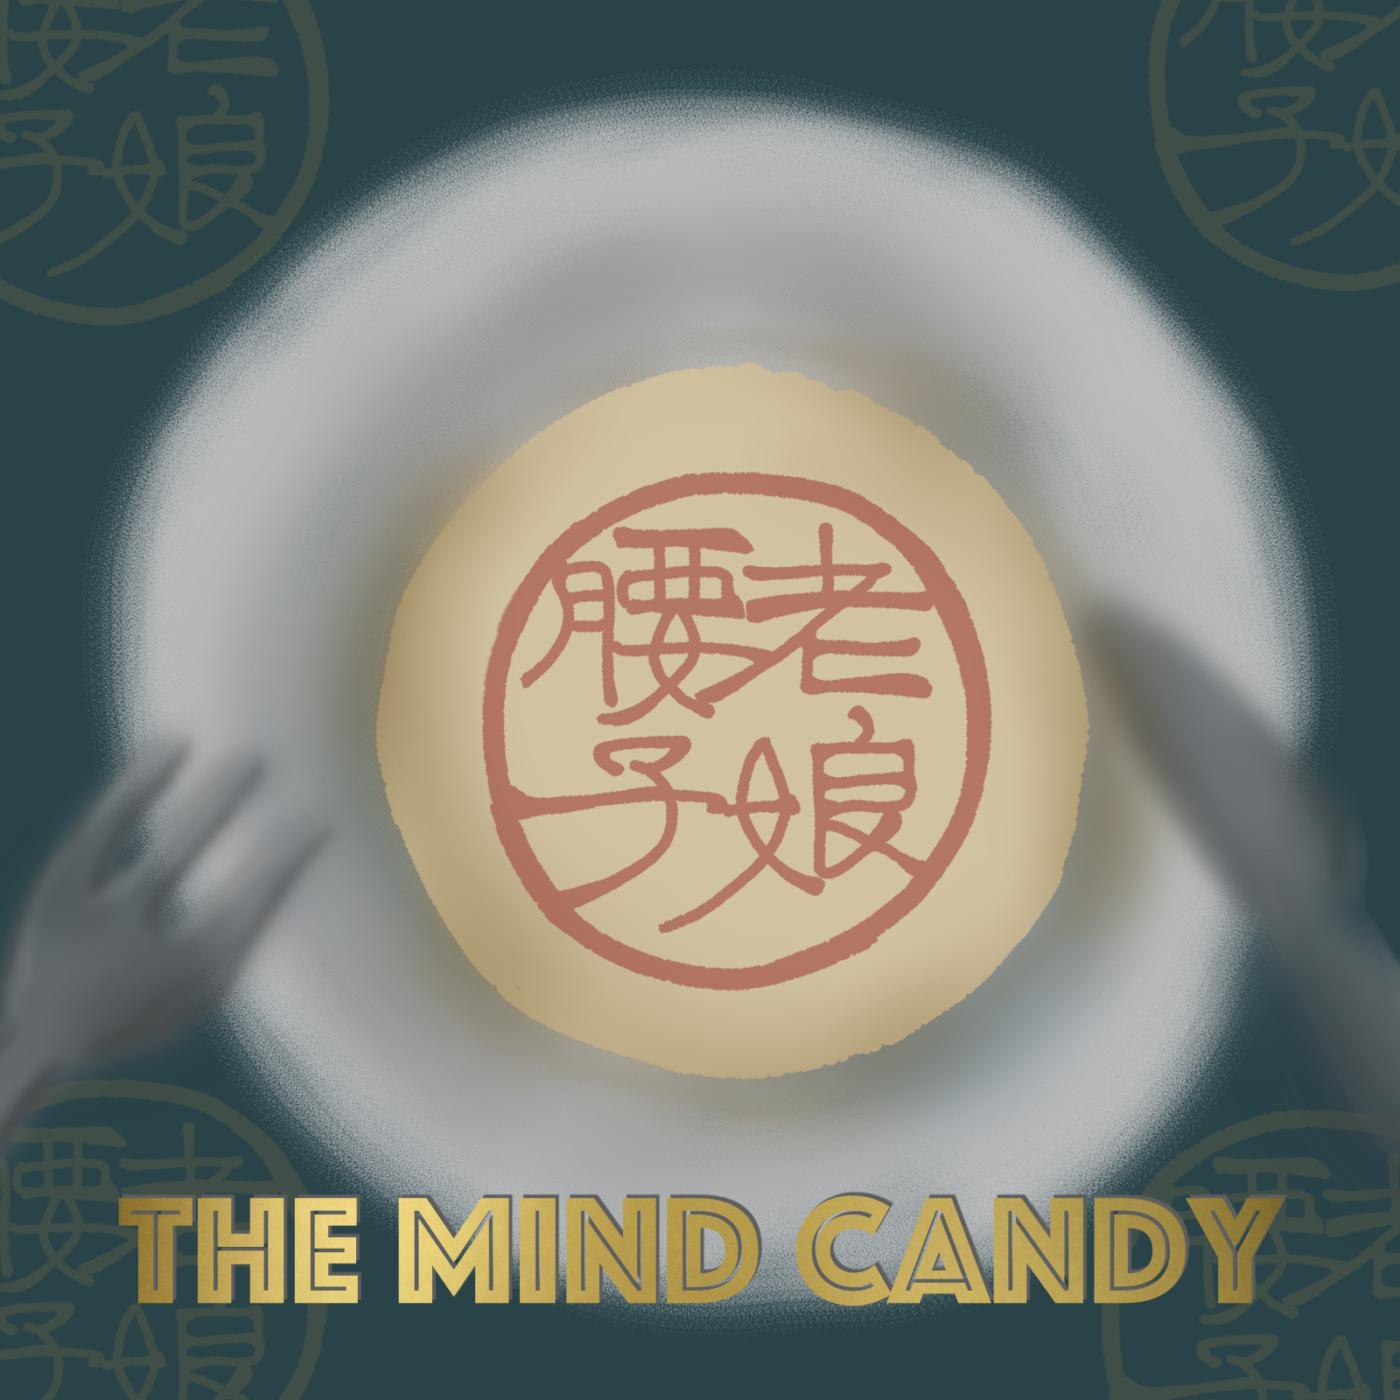 老娘腰子:The Mind Candy